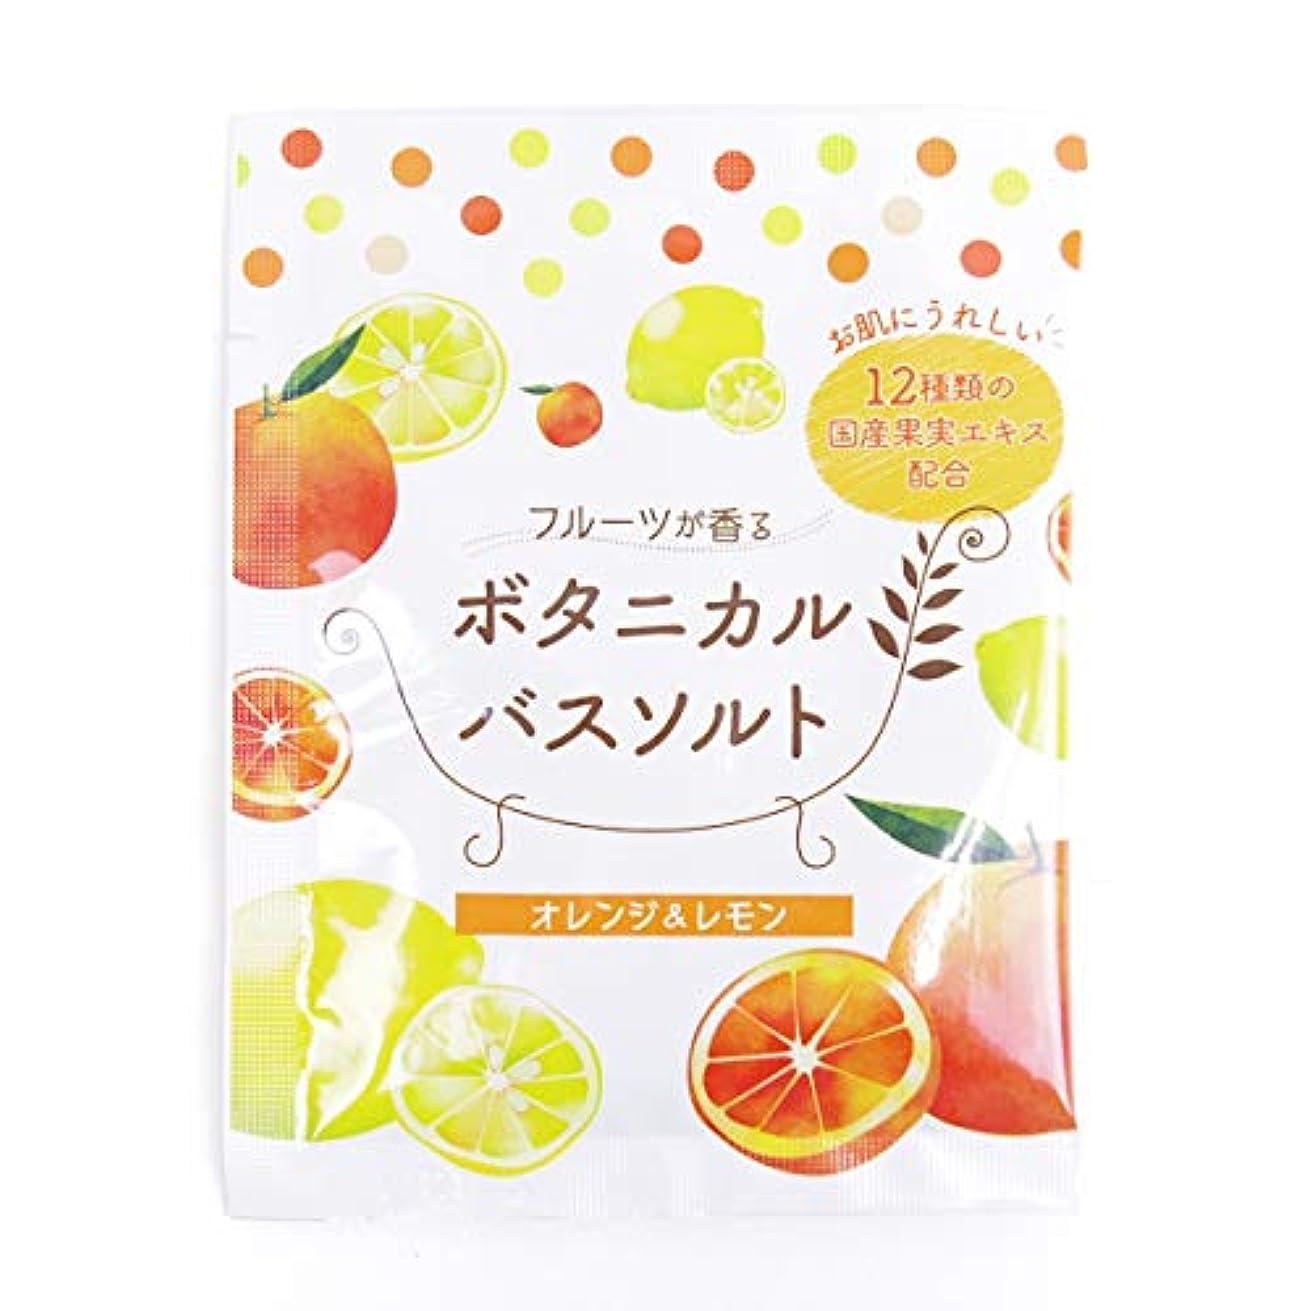 なかなか方向テキスト松田医薬品 フルーツが香るボタニカルバスソルト オレンジ&レモン 30g